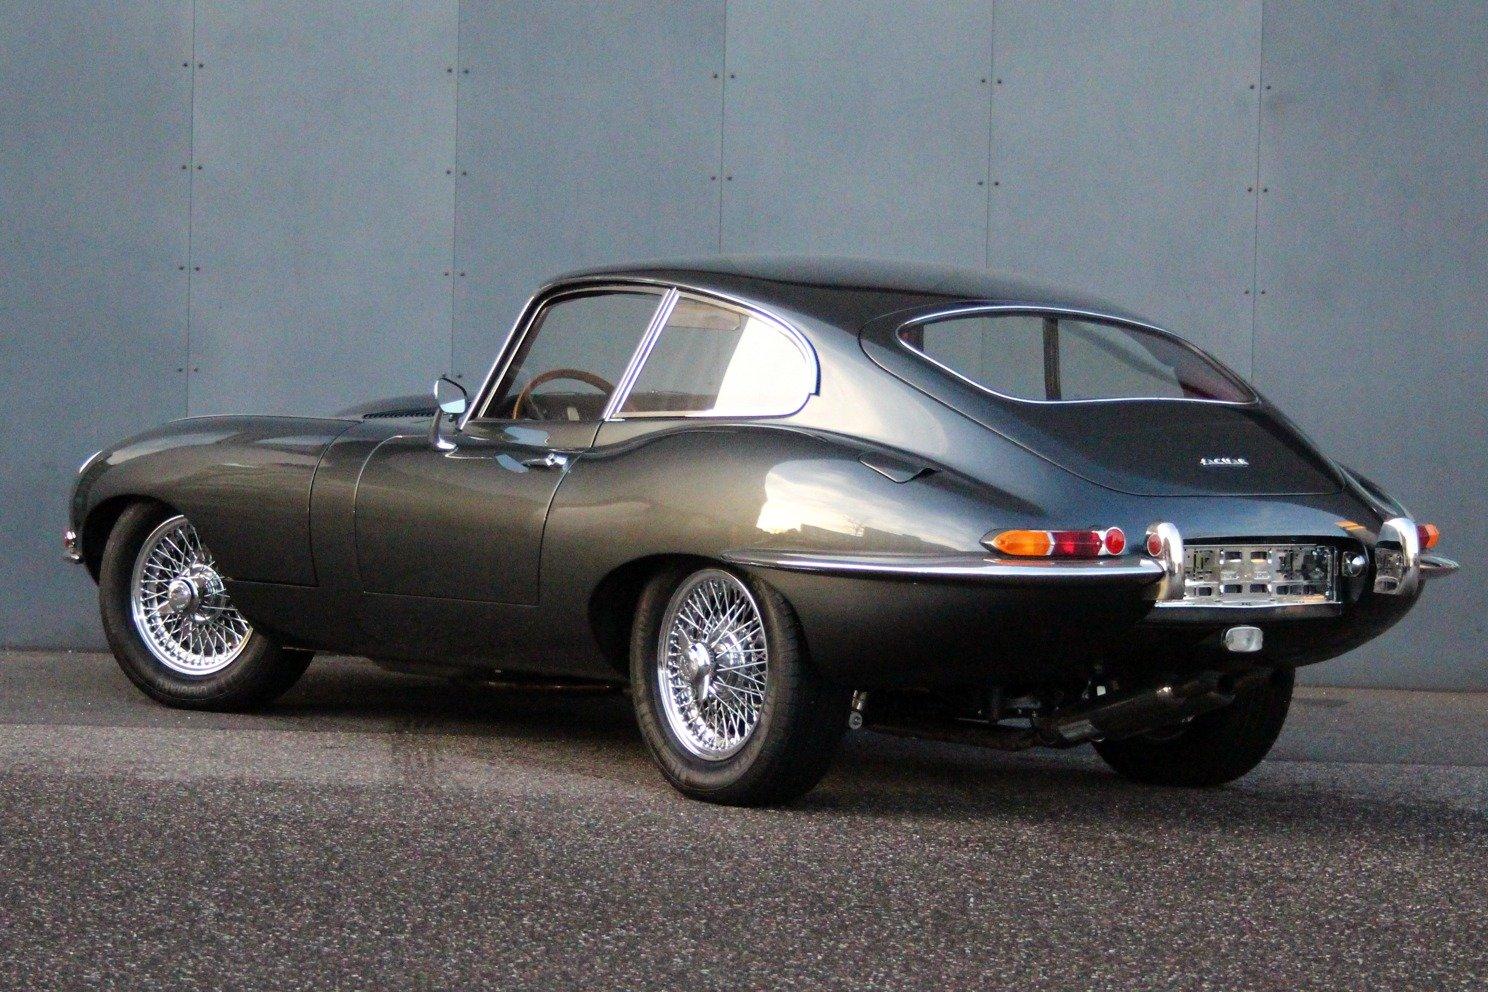 1962 Jaguar E-Type SI 3.8 Litre Coupé For Sale (picture 2 of 6)